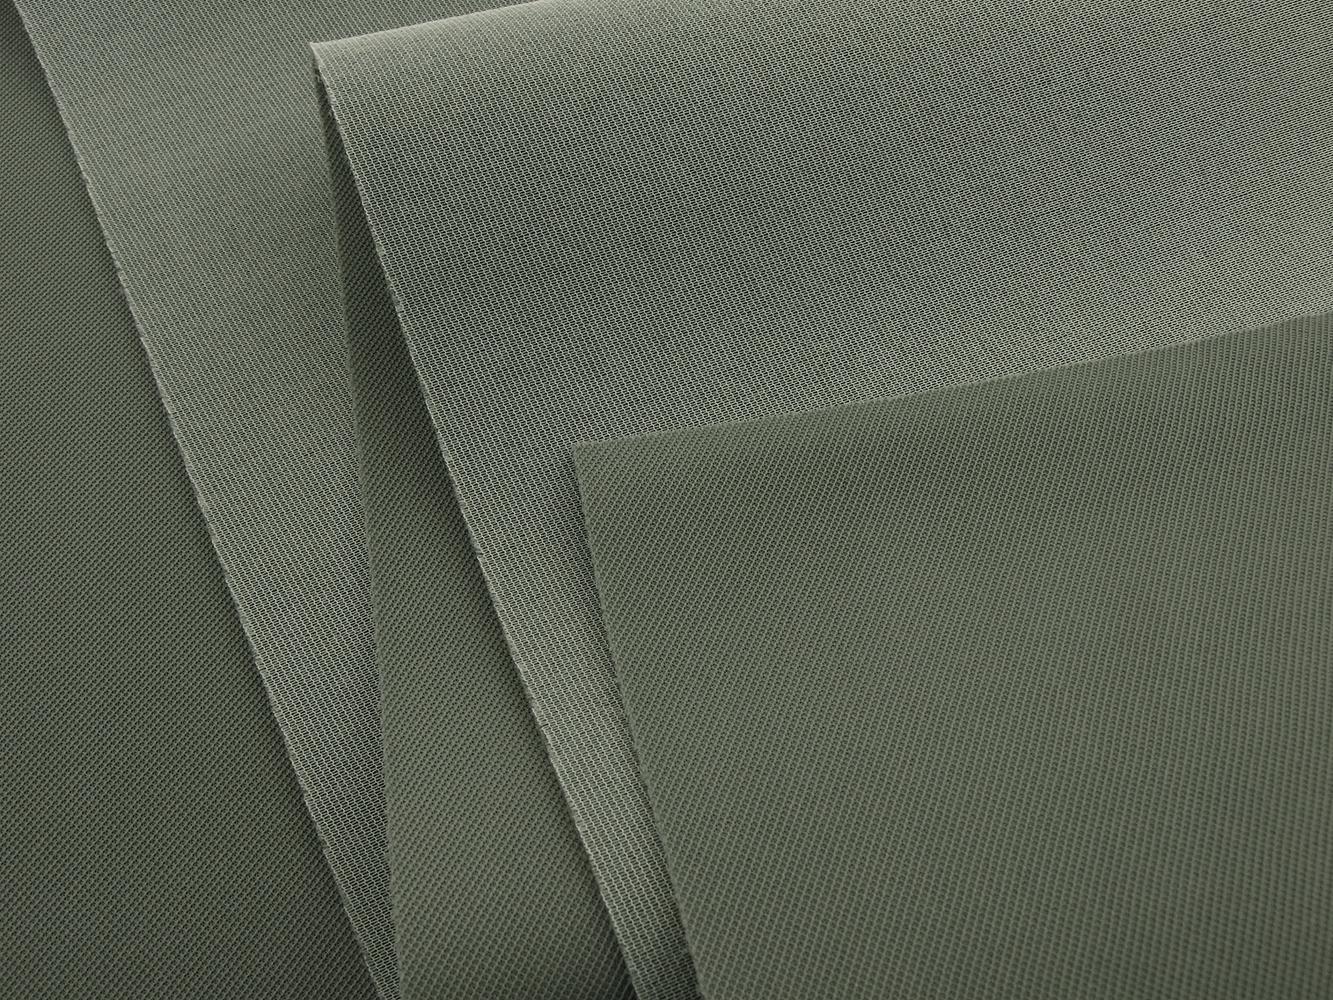 ткань автомобильная потолок шторки 3 цвета